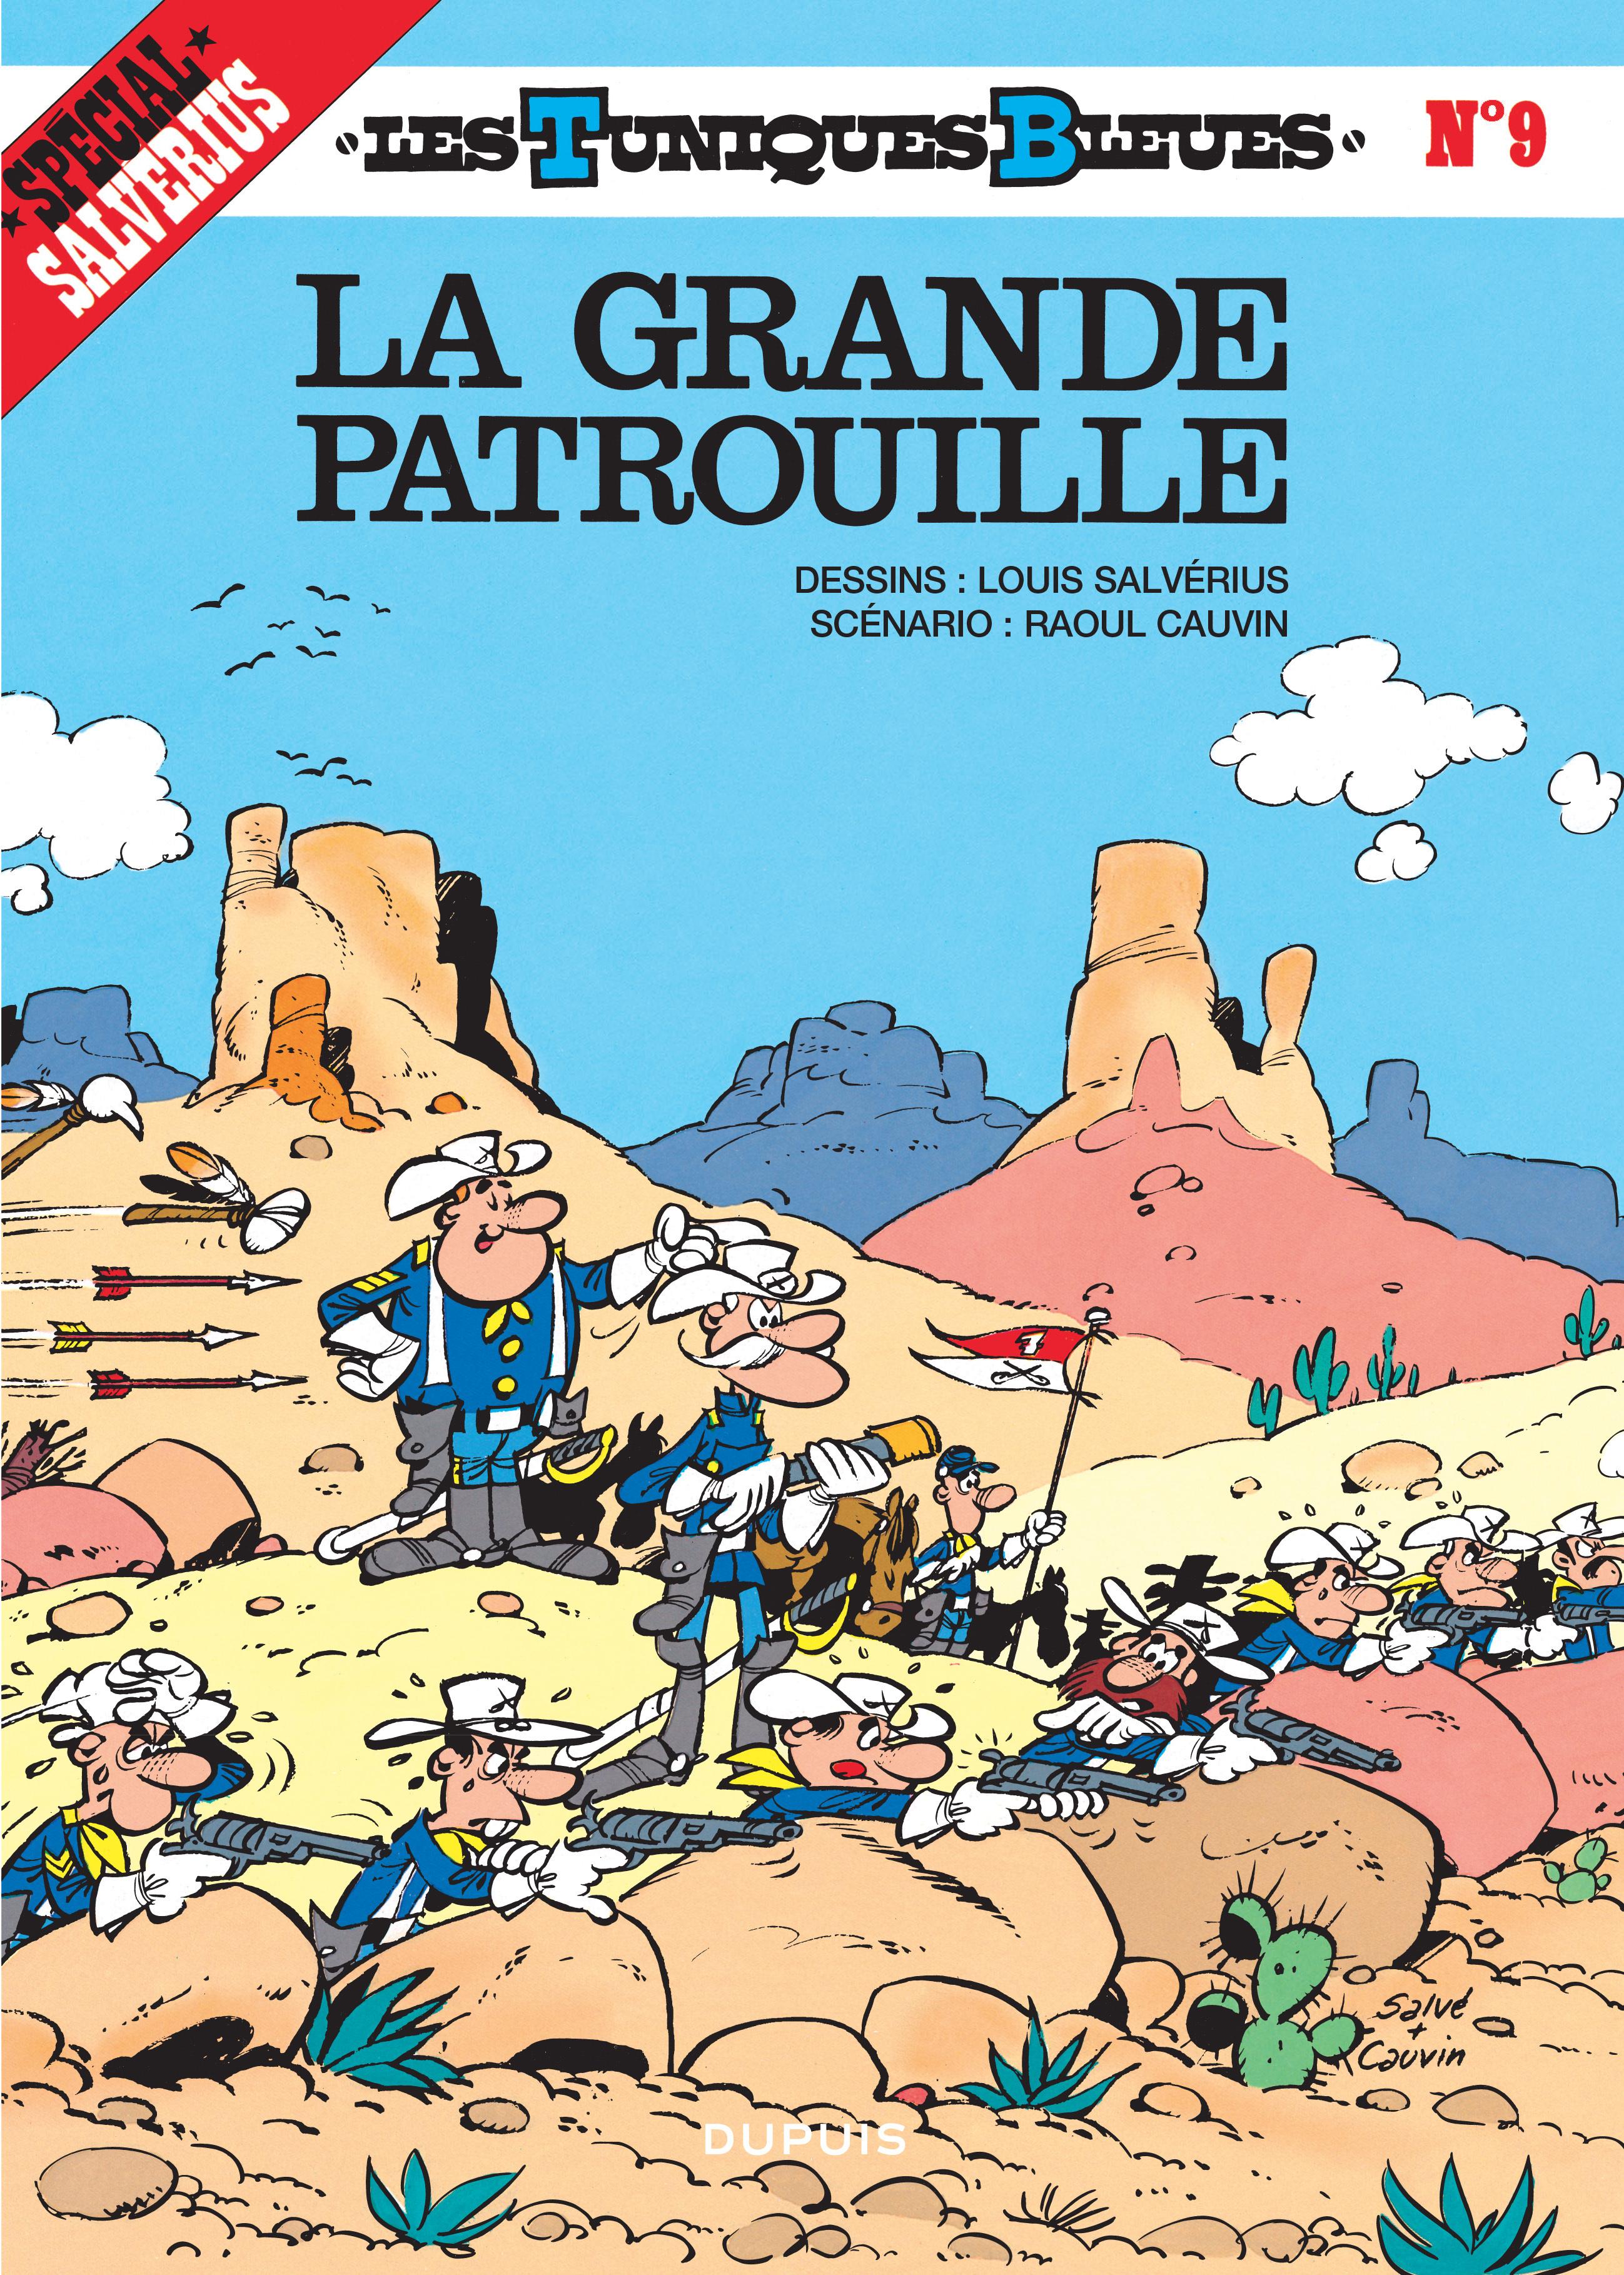 LES TUNIQUES BLEUES T9 LA GRANDE PATROUILLE